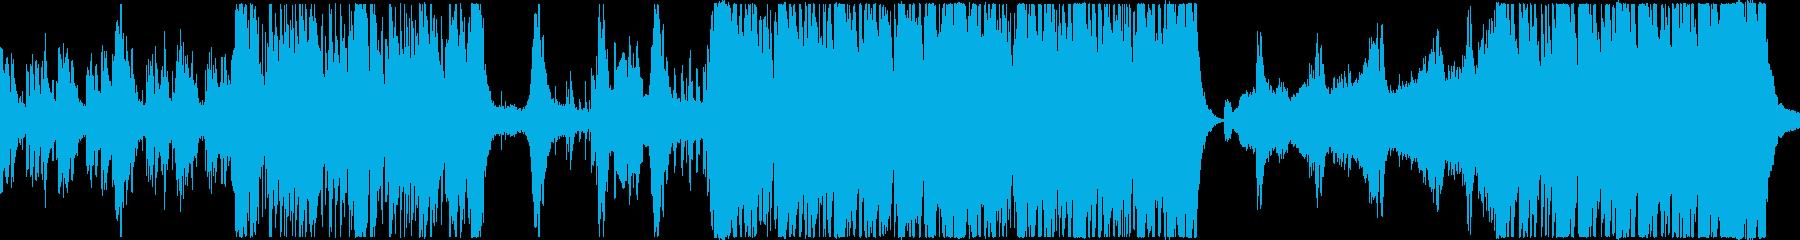 妖しいダークファンタジー和風ループの再生済みの波形